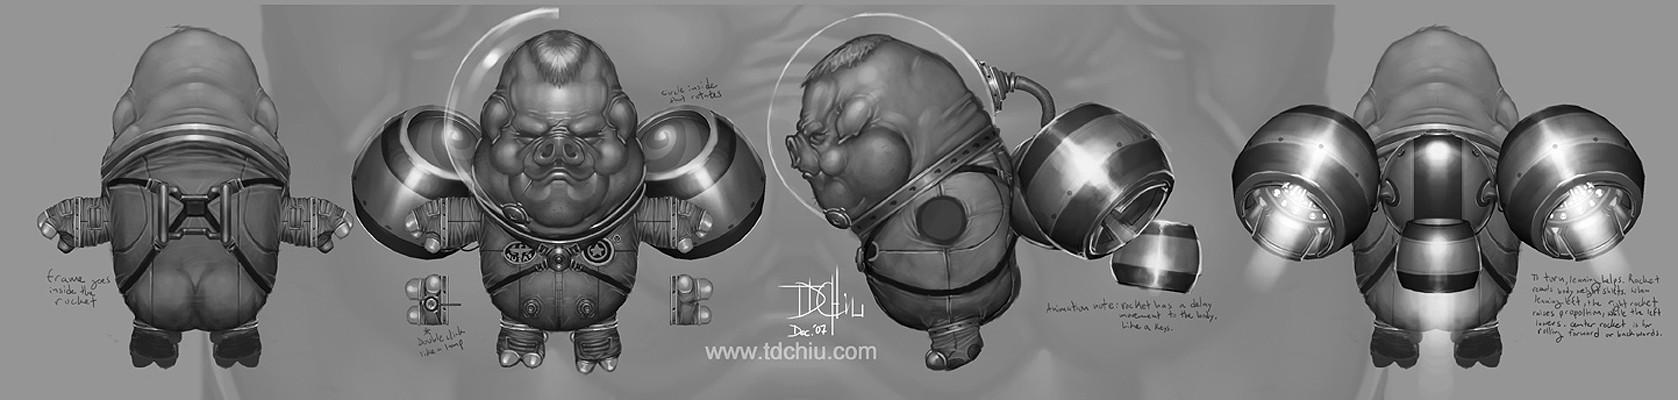 T d chiu astro wilson model sheet by te jui darren chiu www tdchiu com